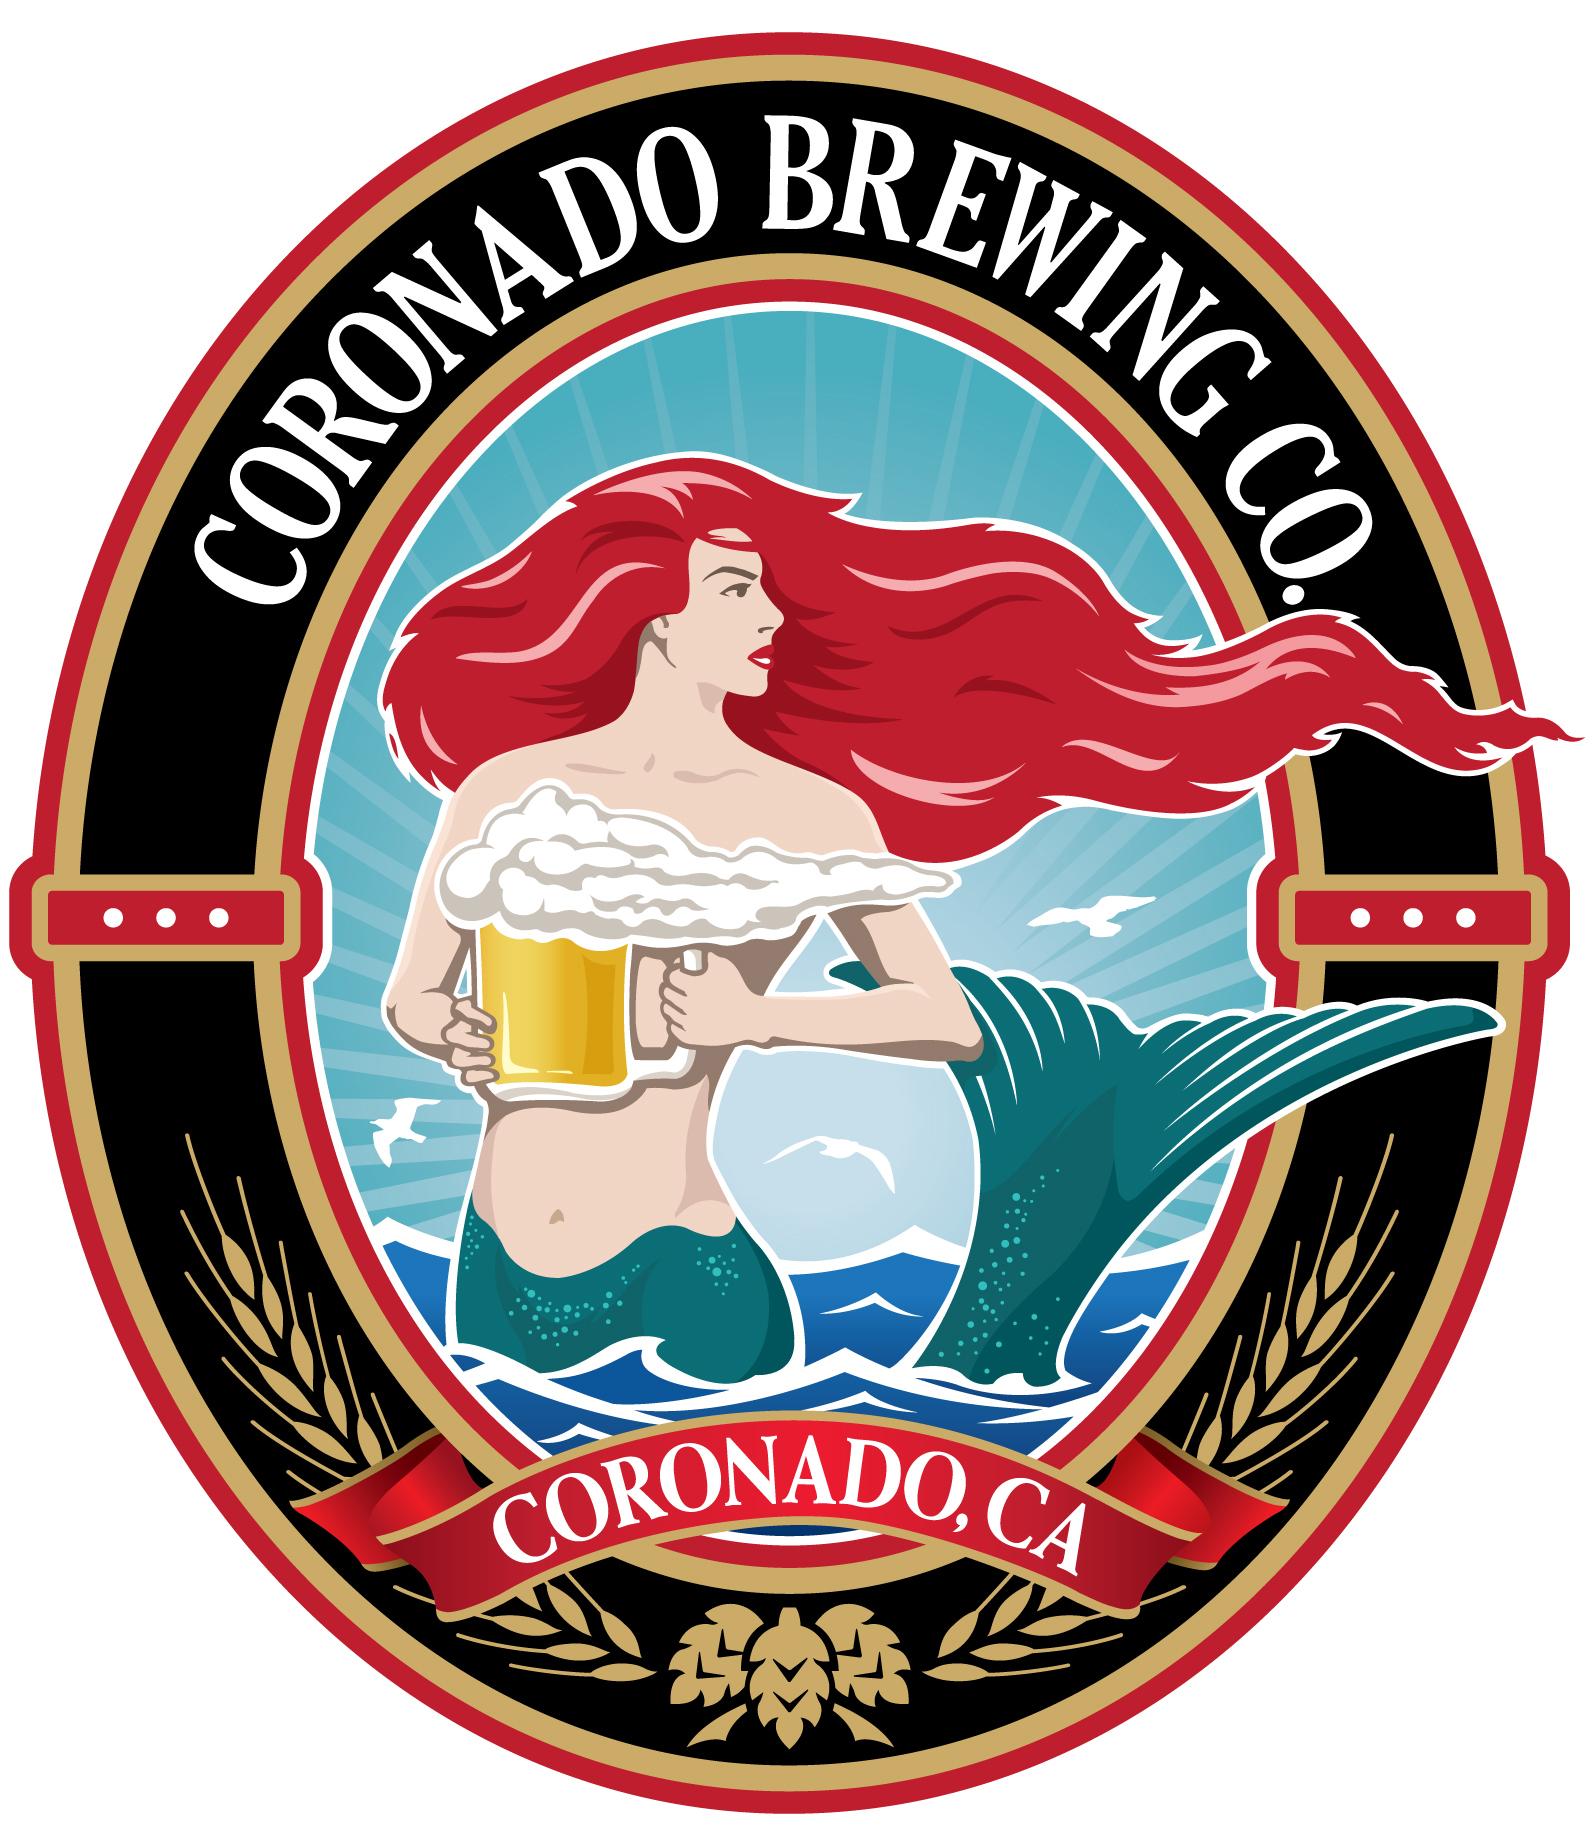 Coronado-Brewing-Company.jpg